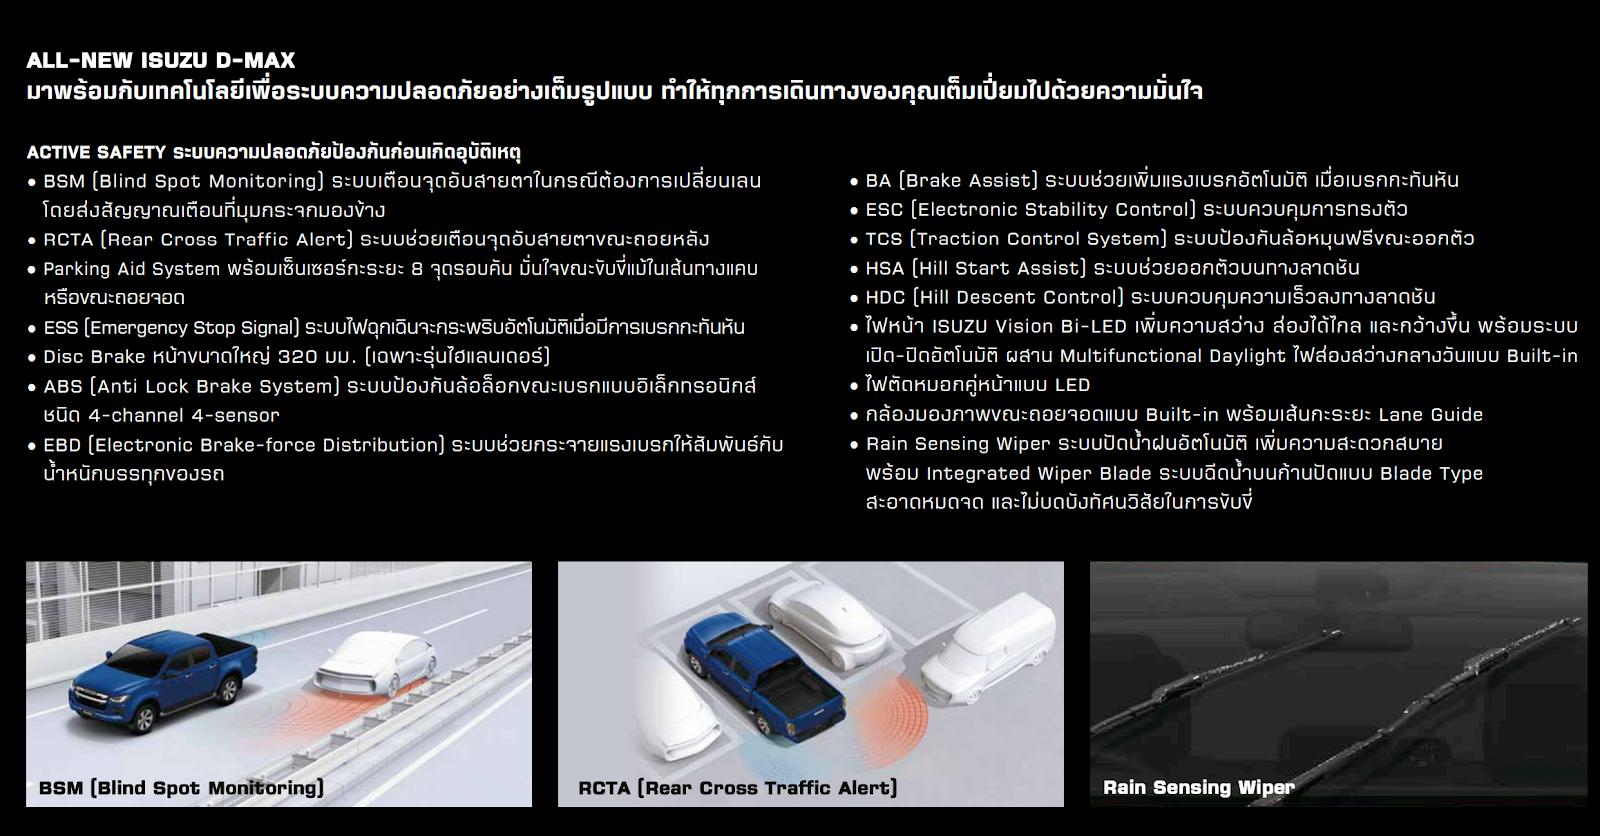 ระบบความปลอดภัยของ Isuzu D-Max